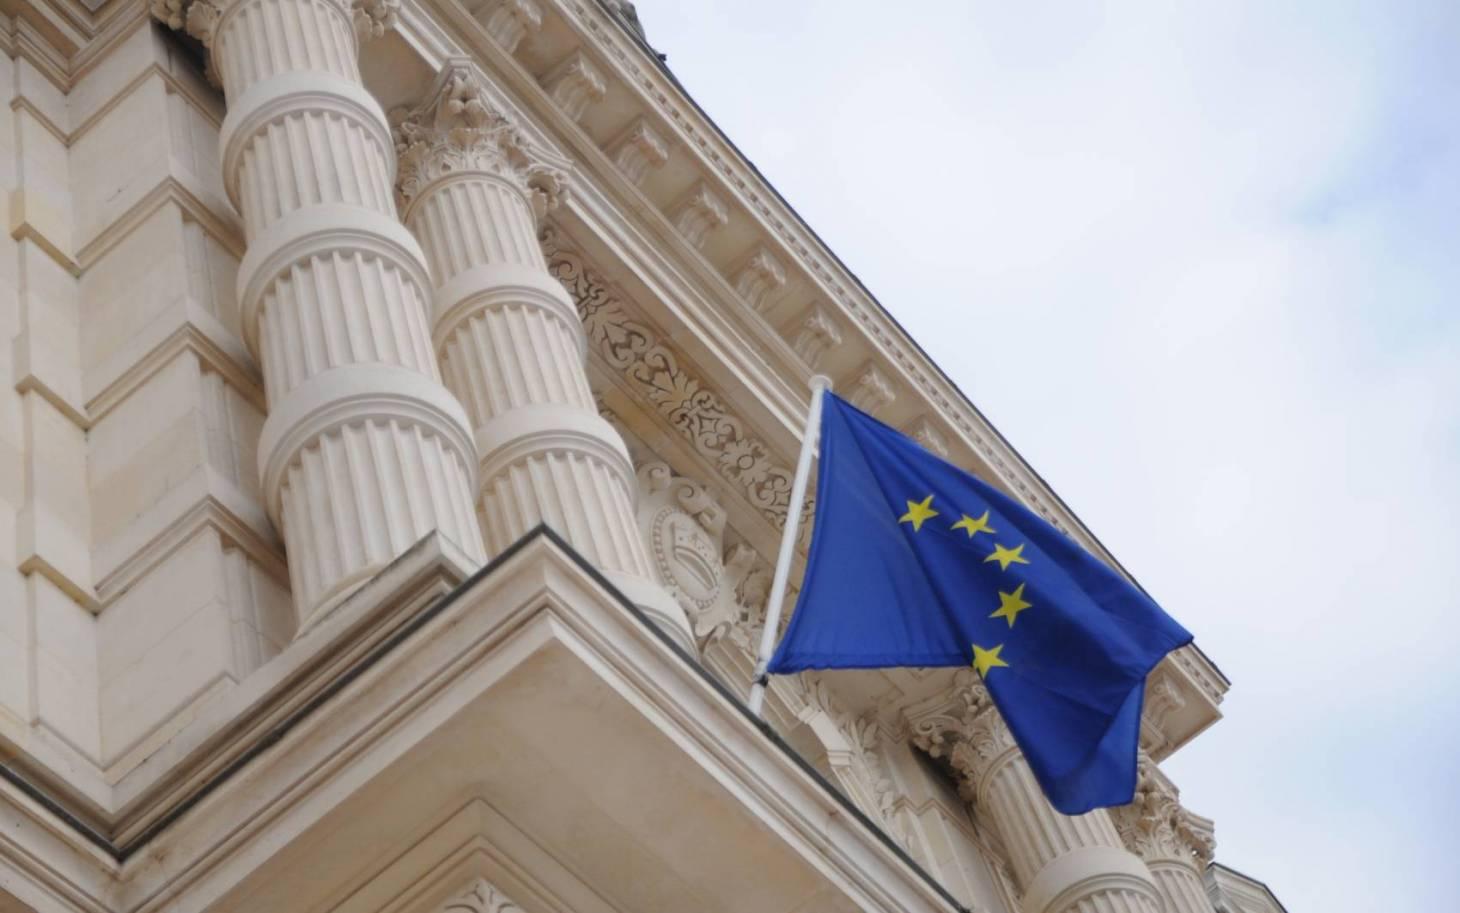 Chronique - L'Europe face à la crise du Covid-19